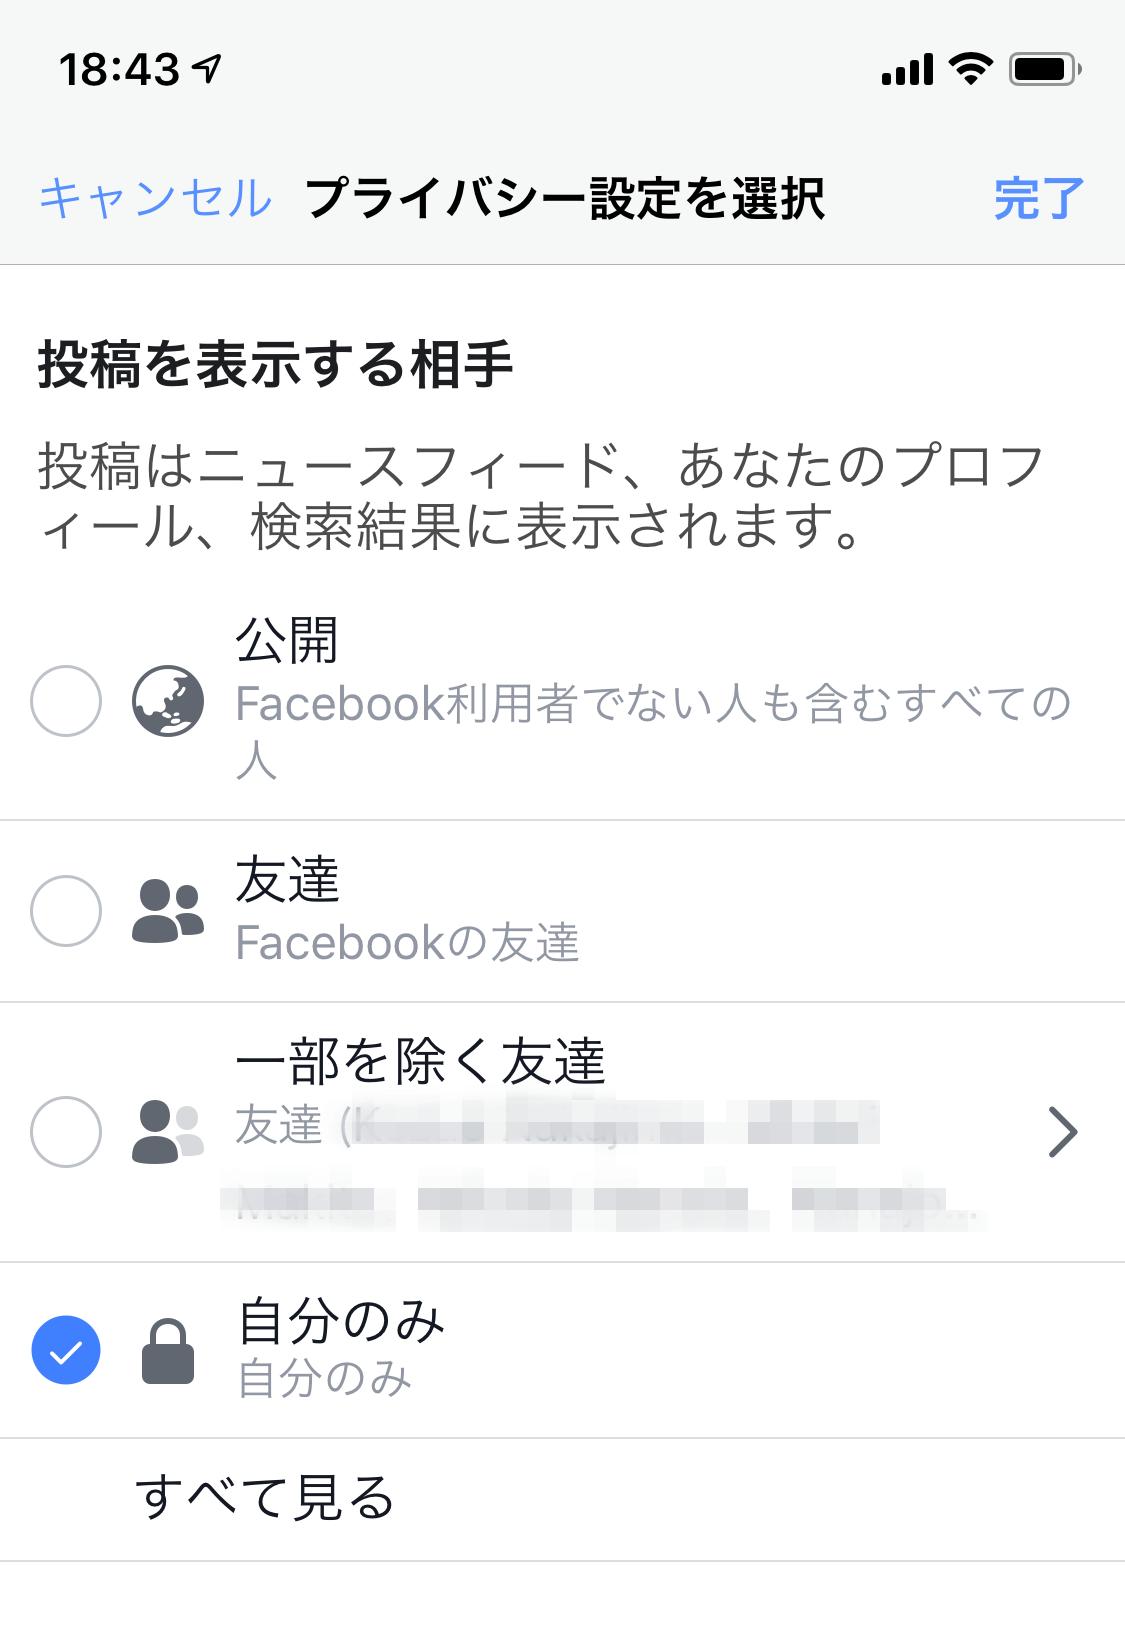 Facebookで浮気調査